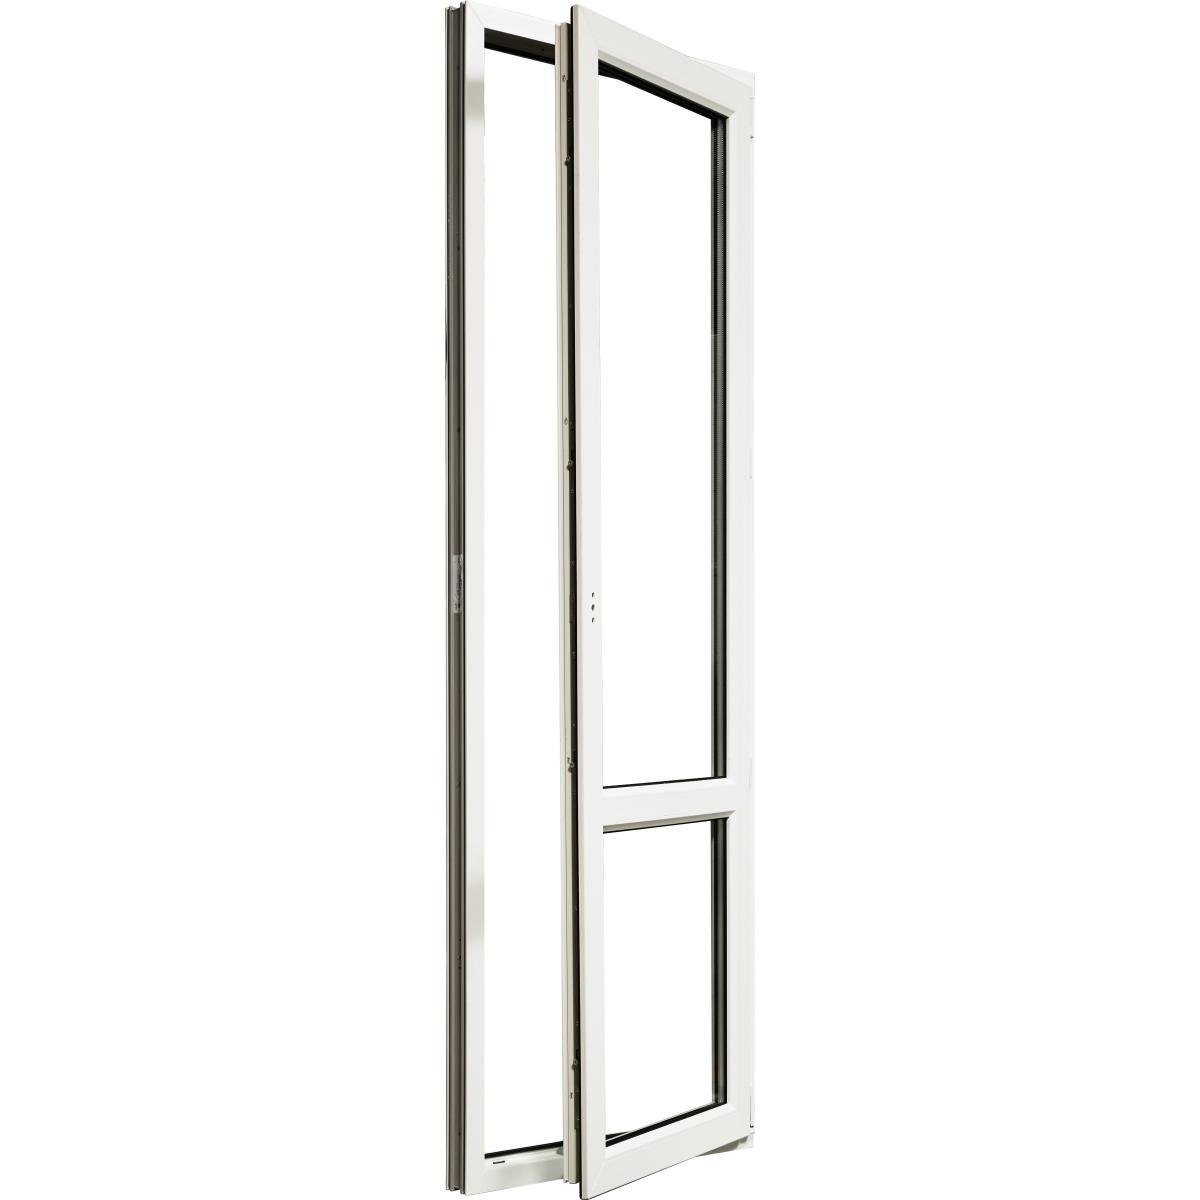 Дверь балконная ПВХ 218(215)x67 см правая двухкамерное